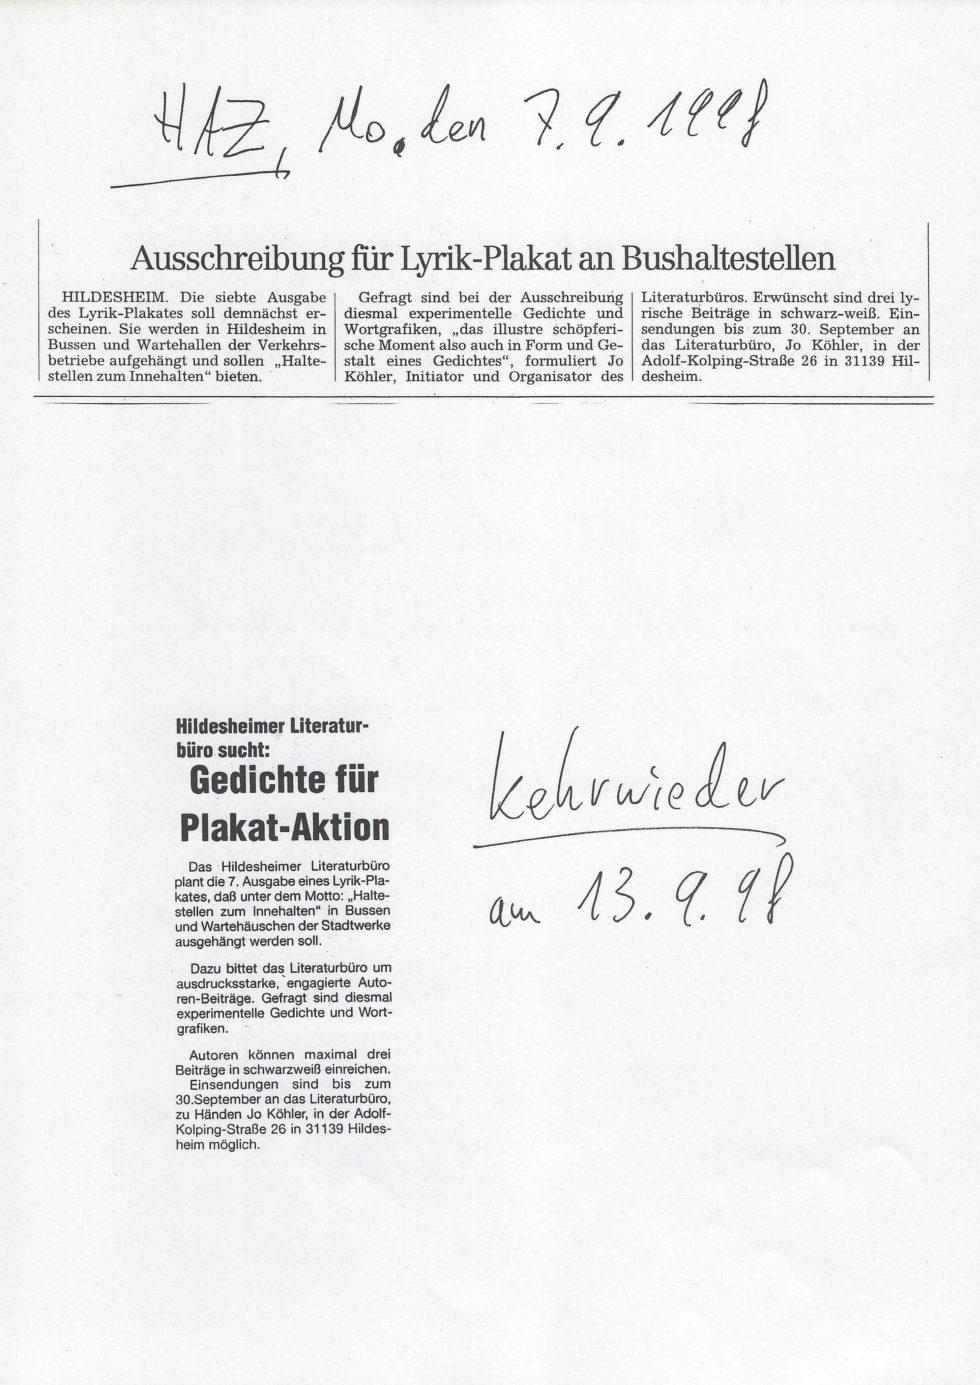 1998 LyrikGarten, LiteraTalk, Politisches_Seite_36